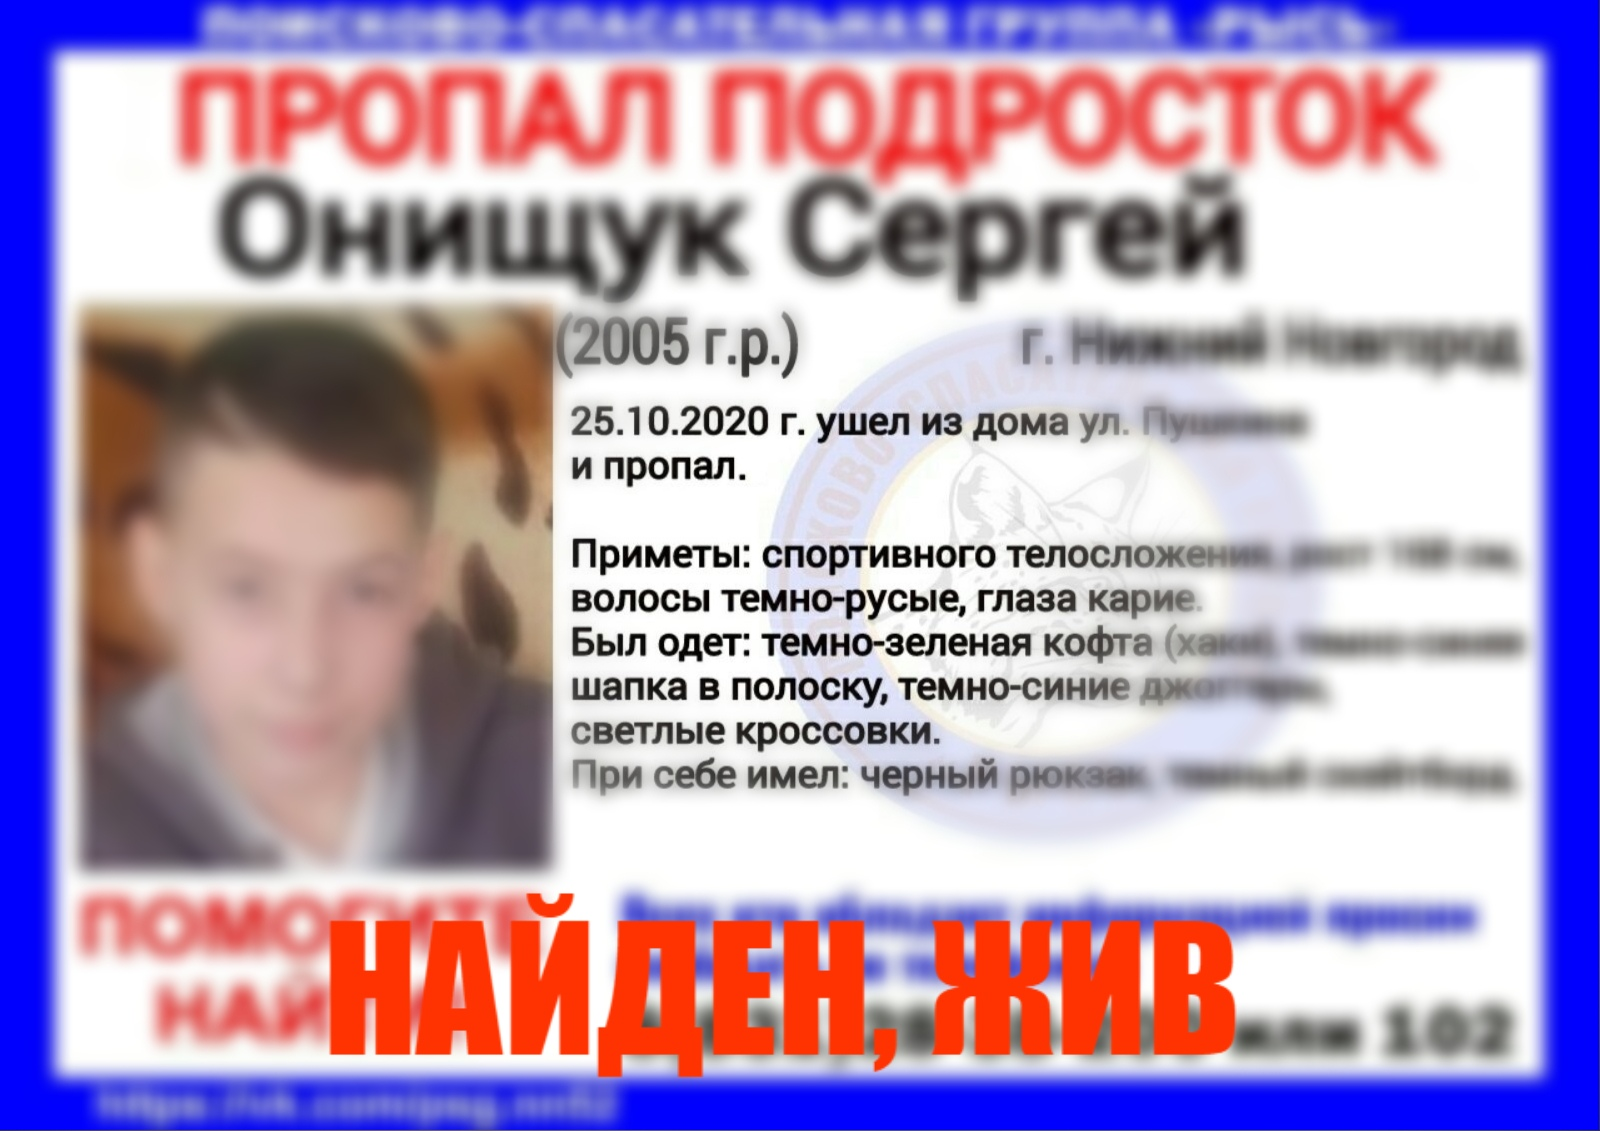 Онищук Сергей, 2005 г.р., г. Нижний Новгород